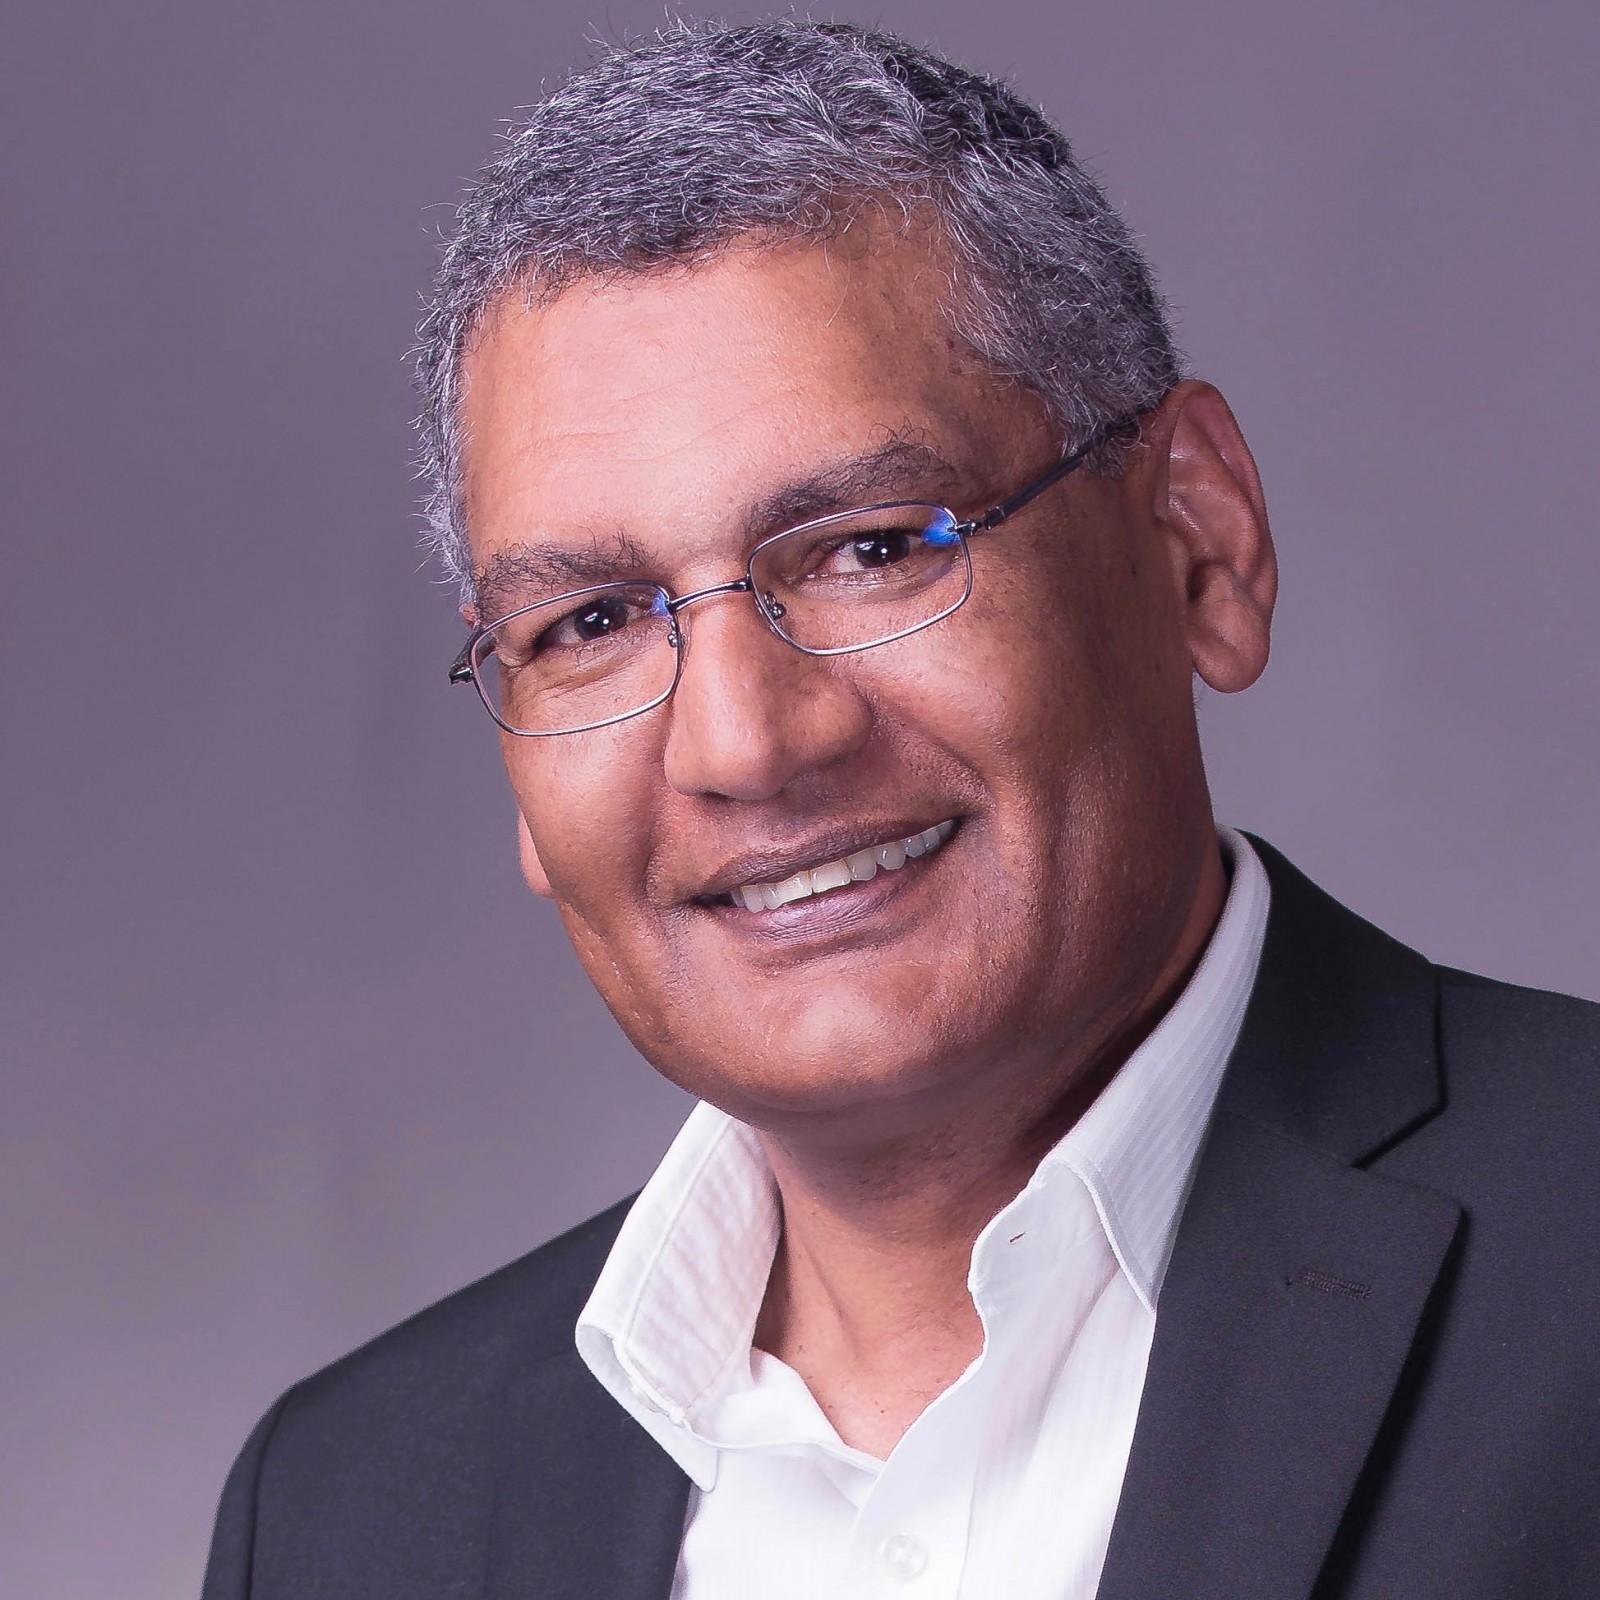 Dr. Aslam Amod